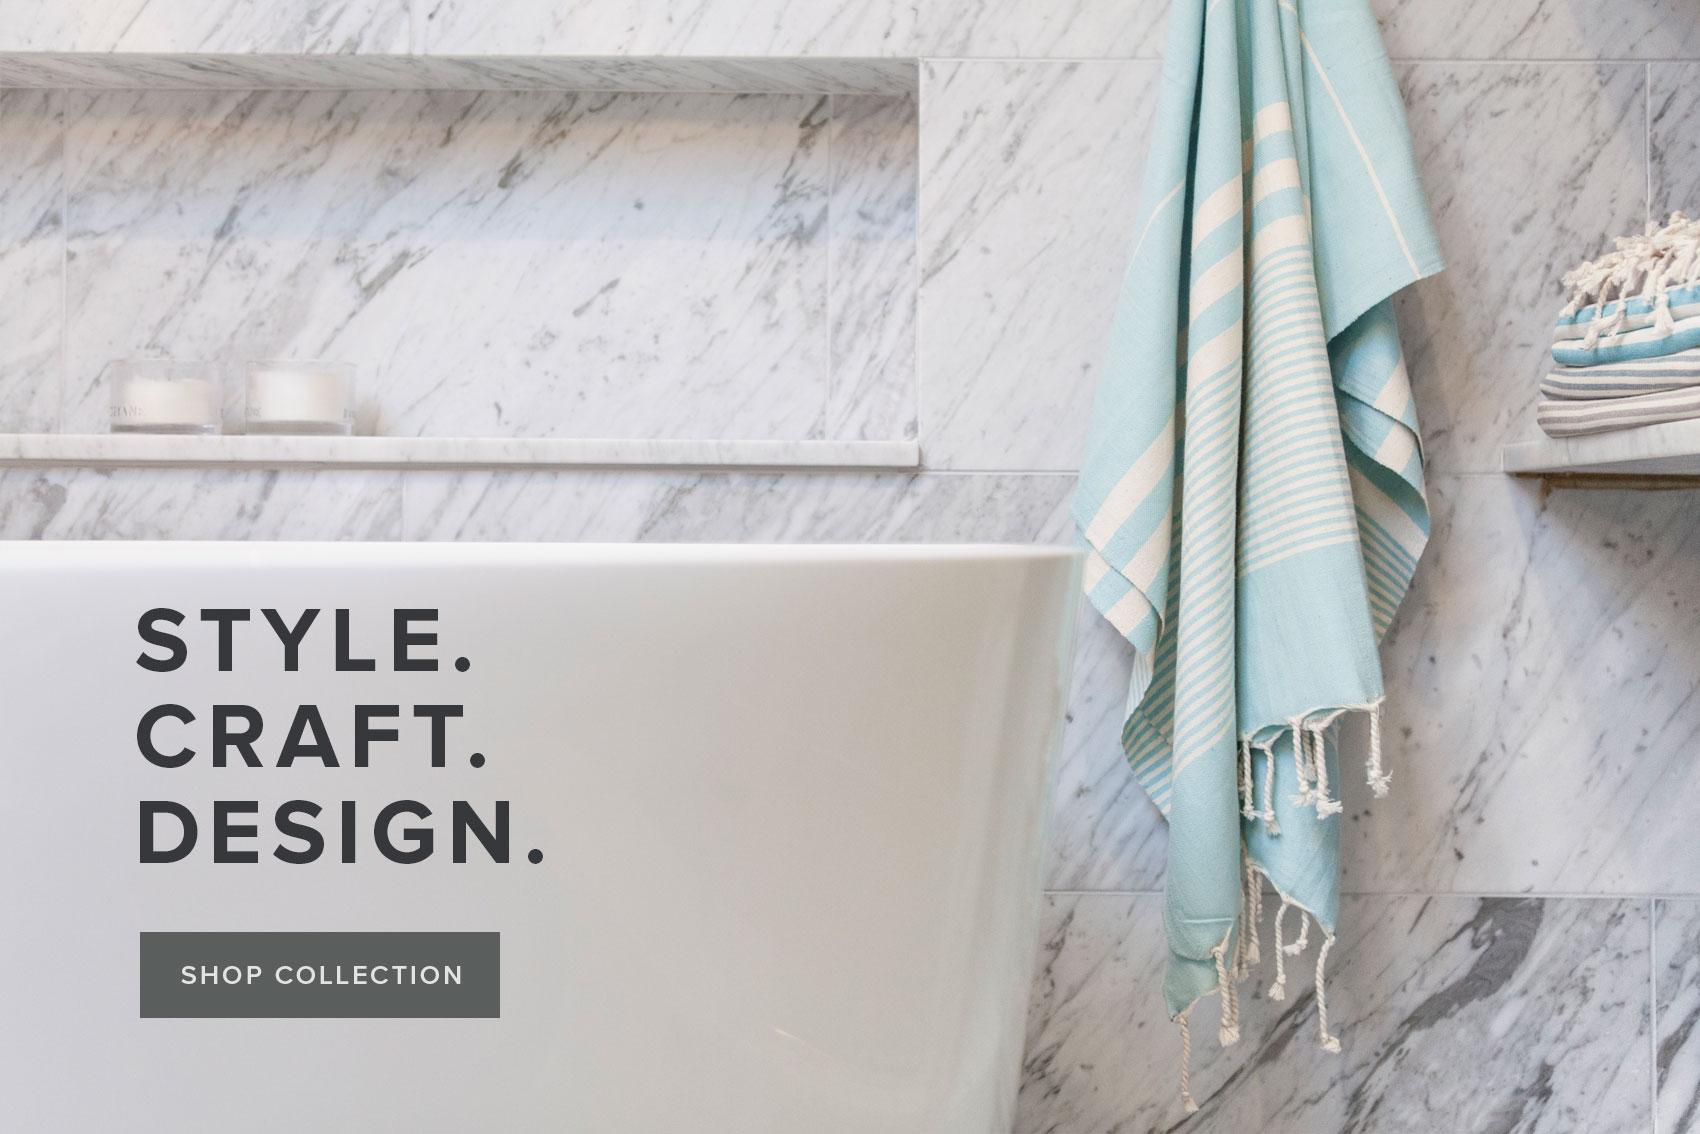 StyleCraftDesign.jpg